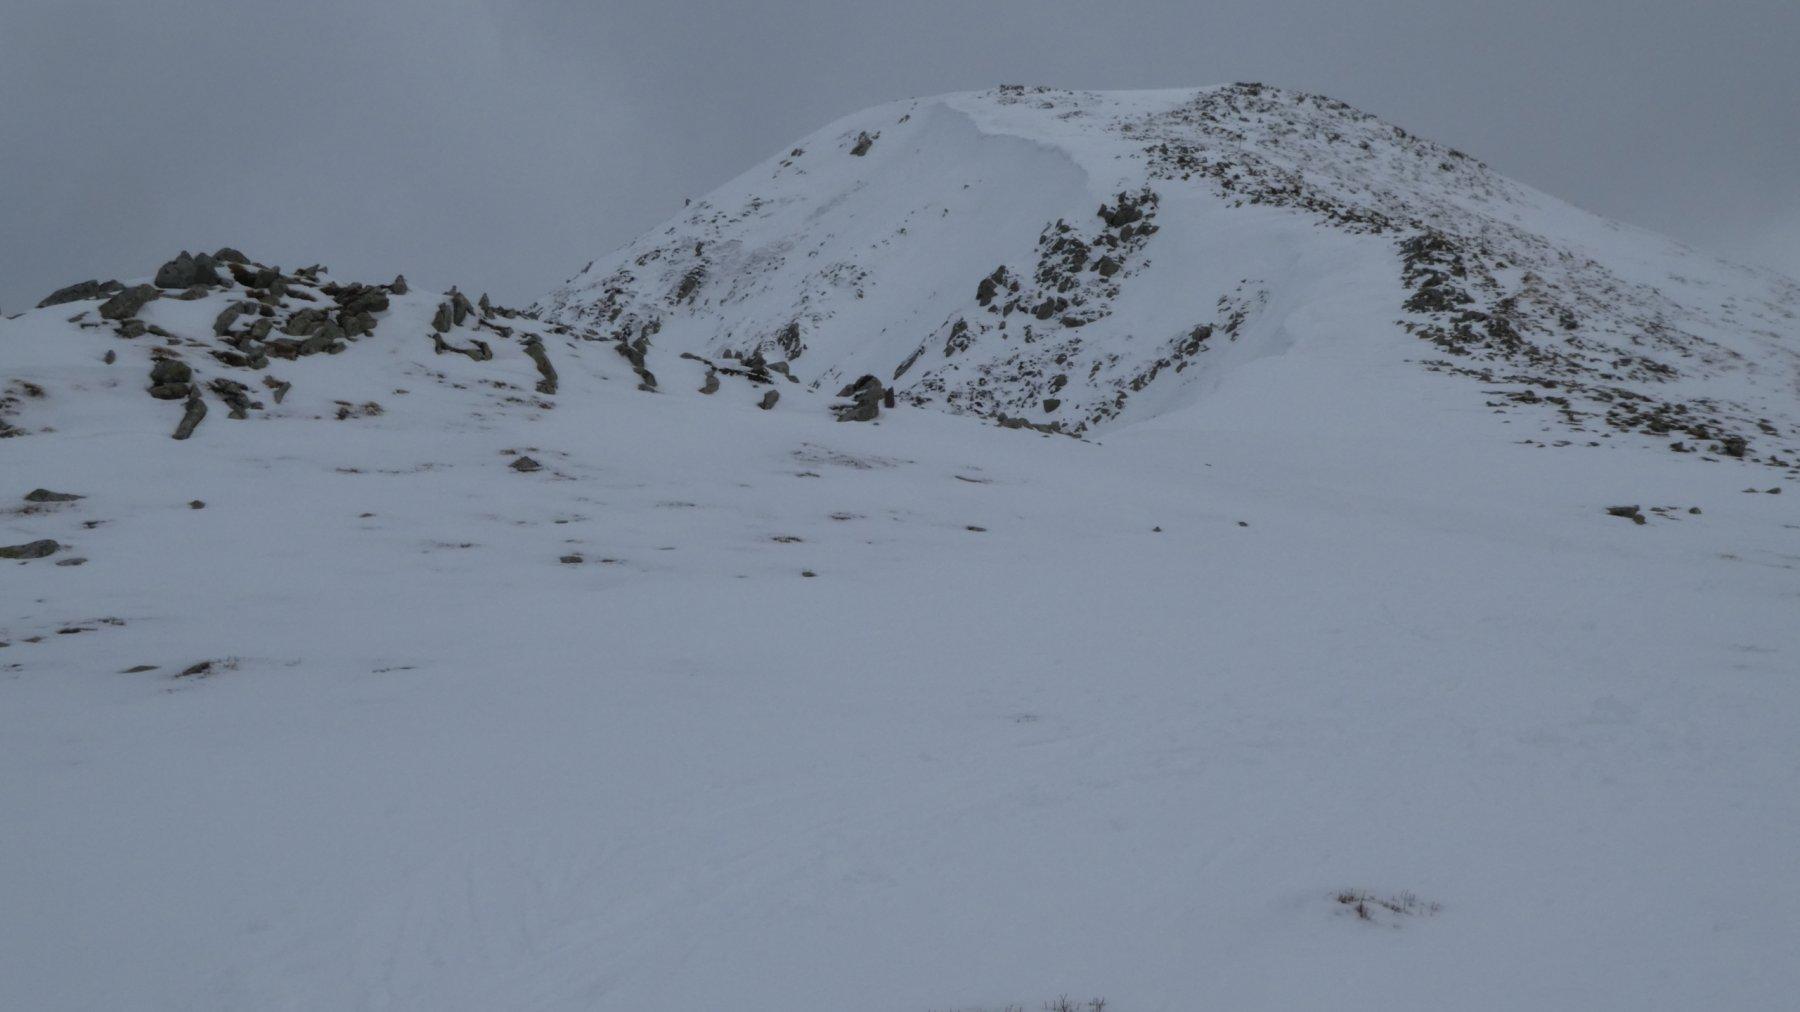 l'anticima del Monte Prado vista dalla Sella del Monte Prado